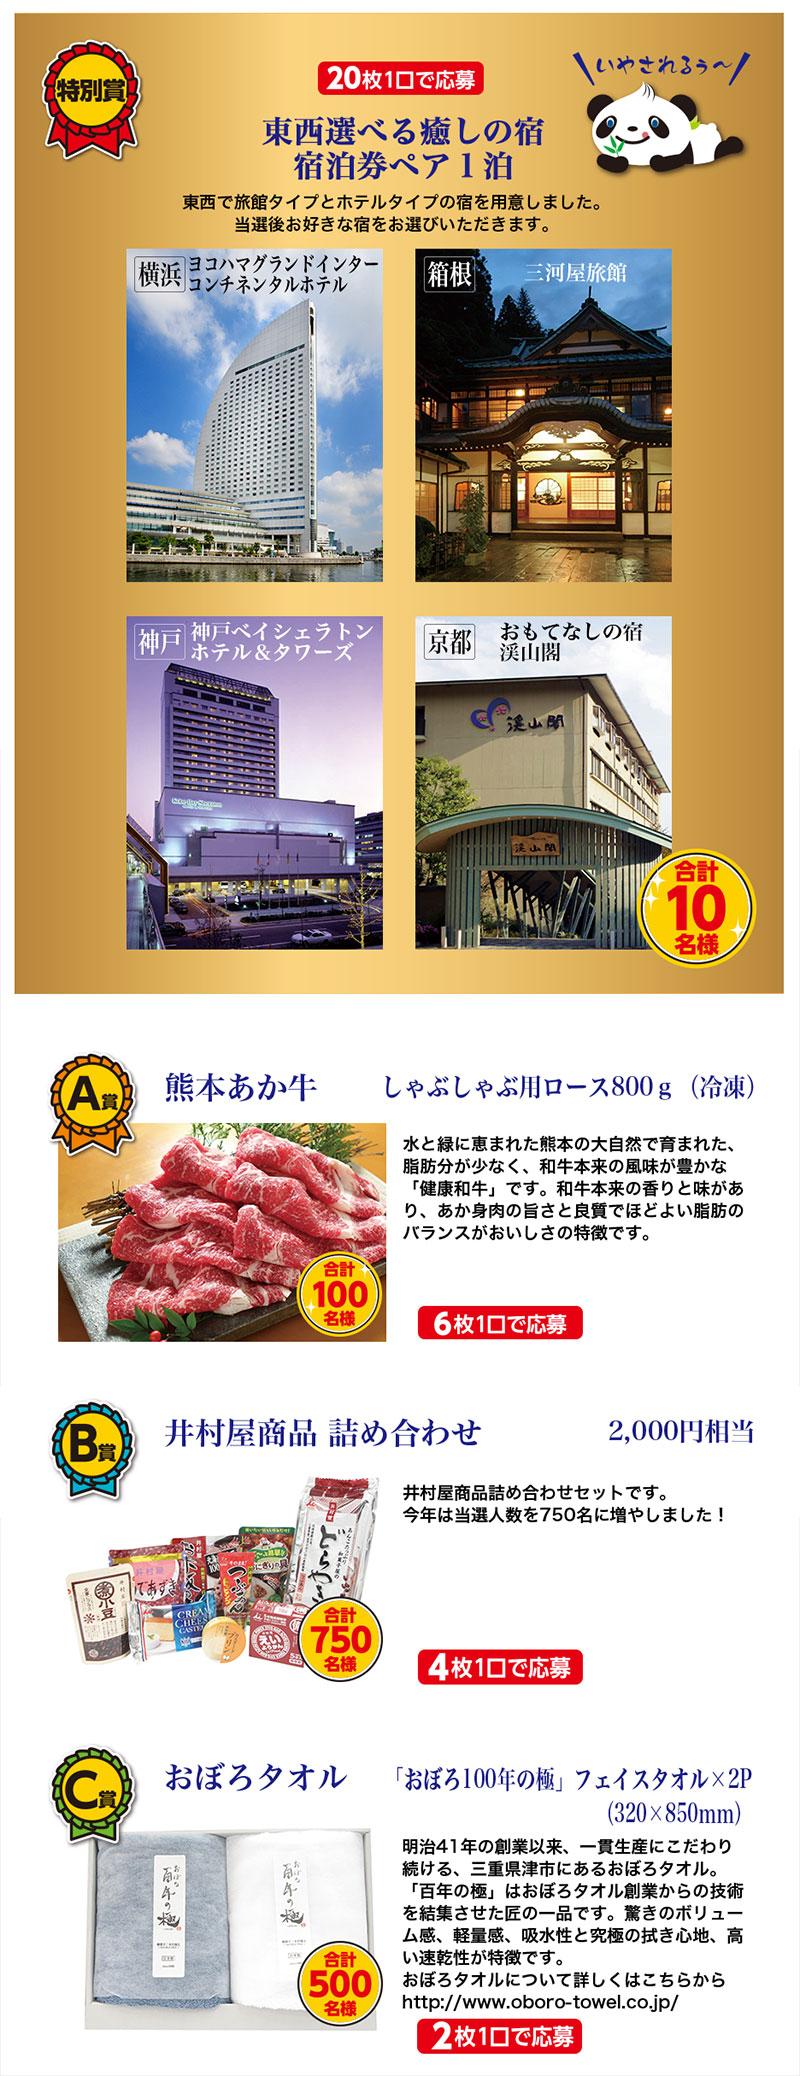 井村屋 肉まん あんまん 懸賞キャンペーン2019 プレゼント懸賞品